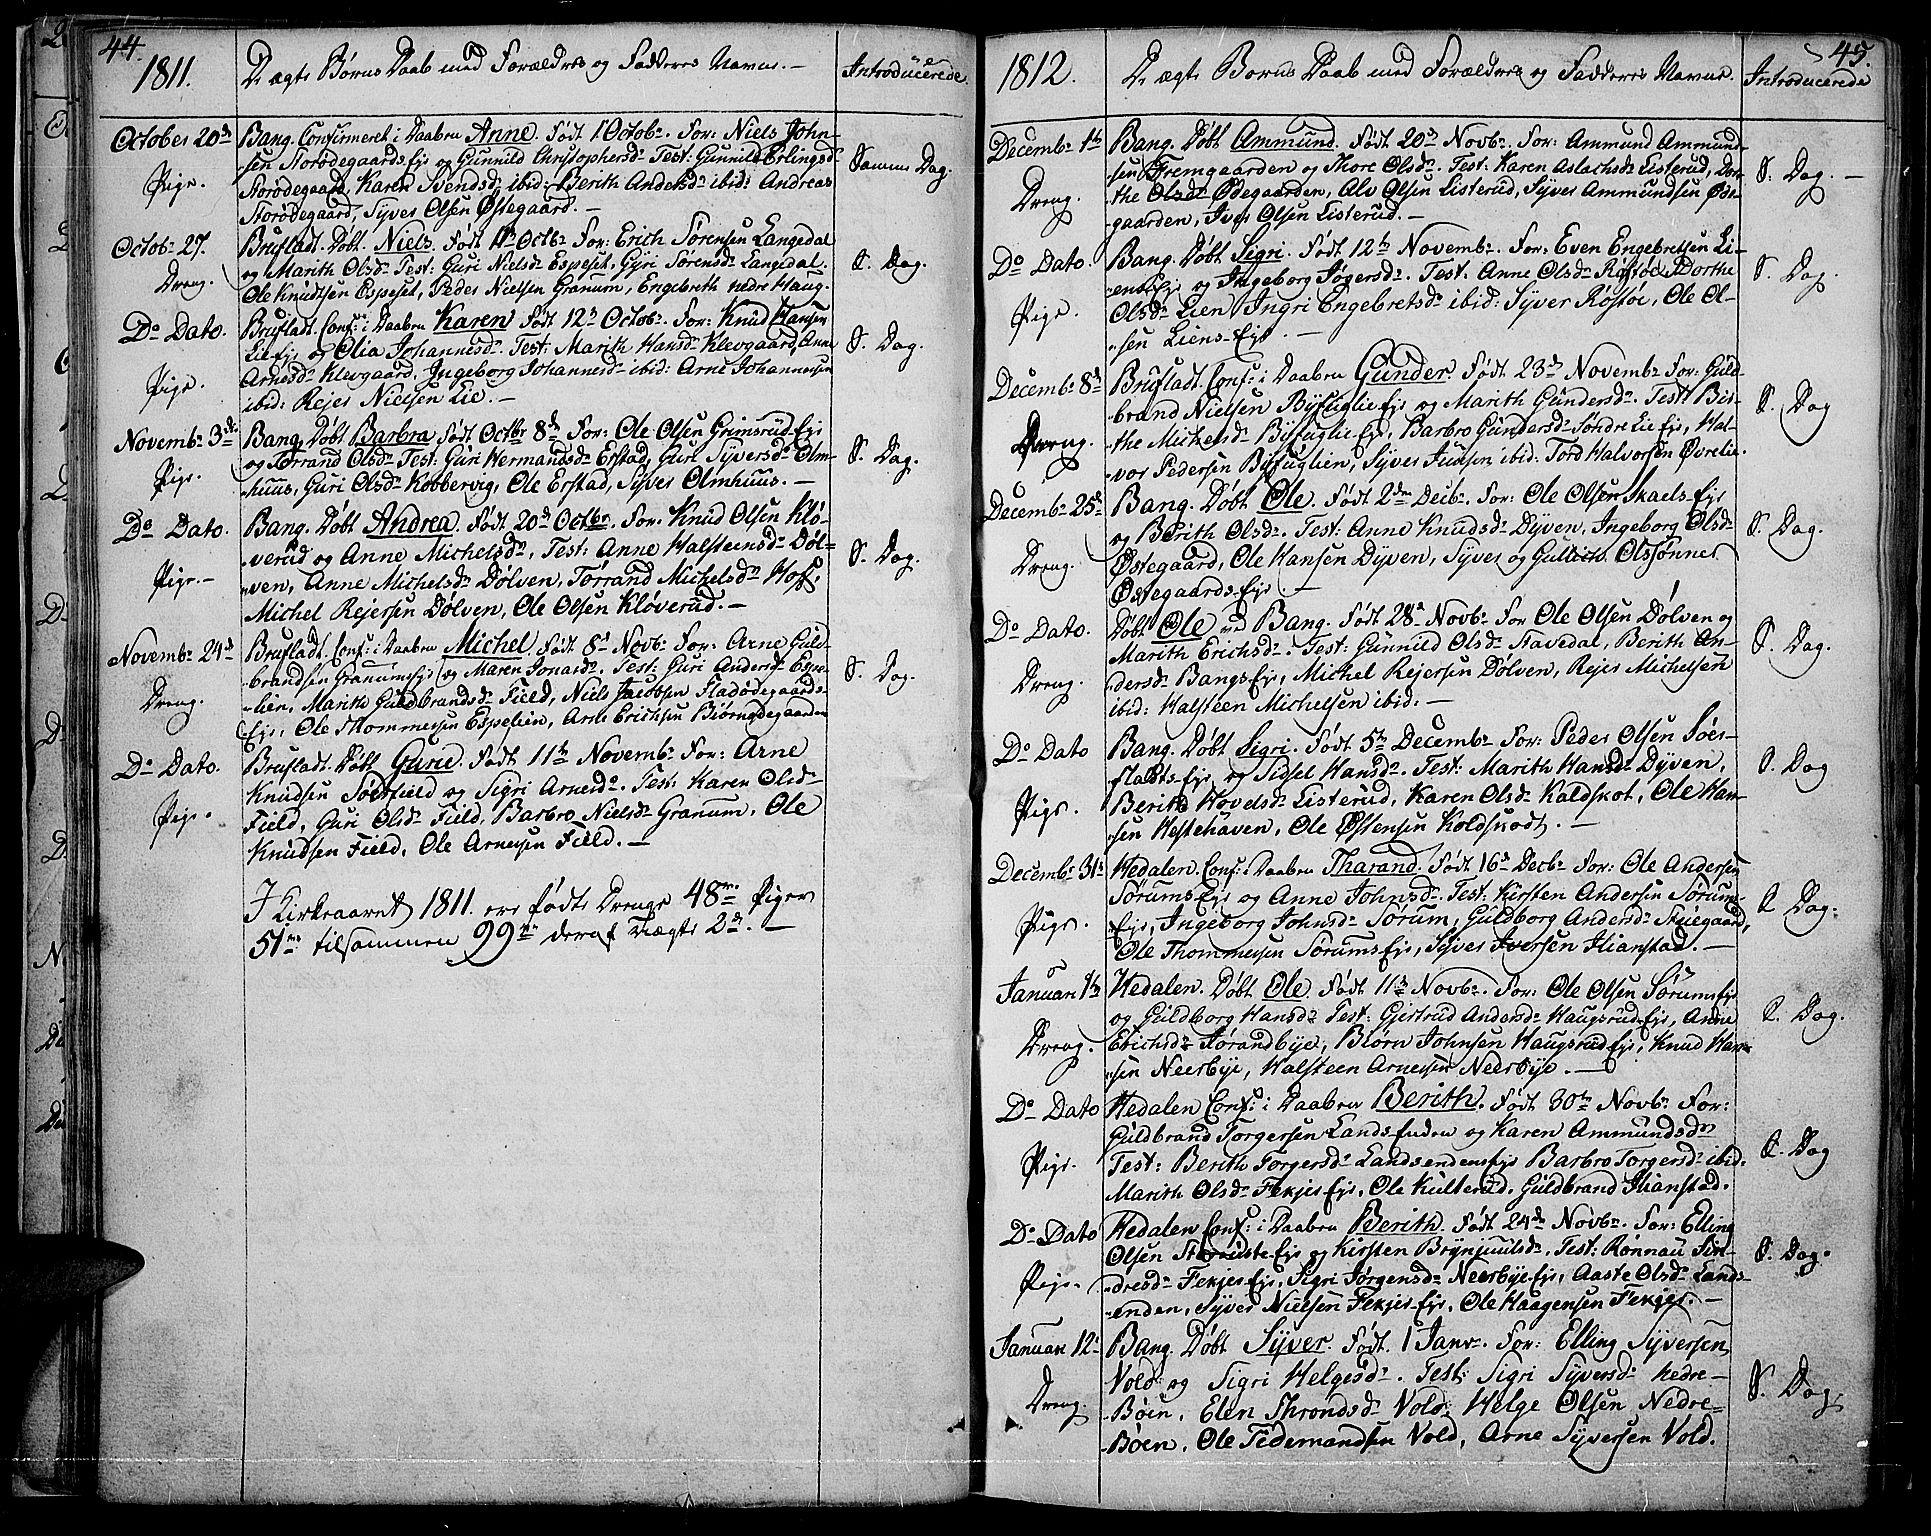 SAH, Sør-Aurdal prestekontor, Ministerialbok nr. 1, 1807-1815, s. 44-45